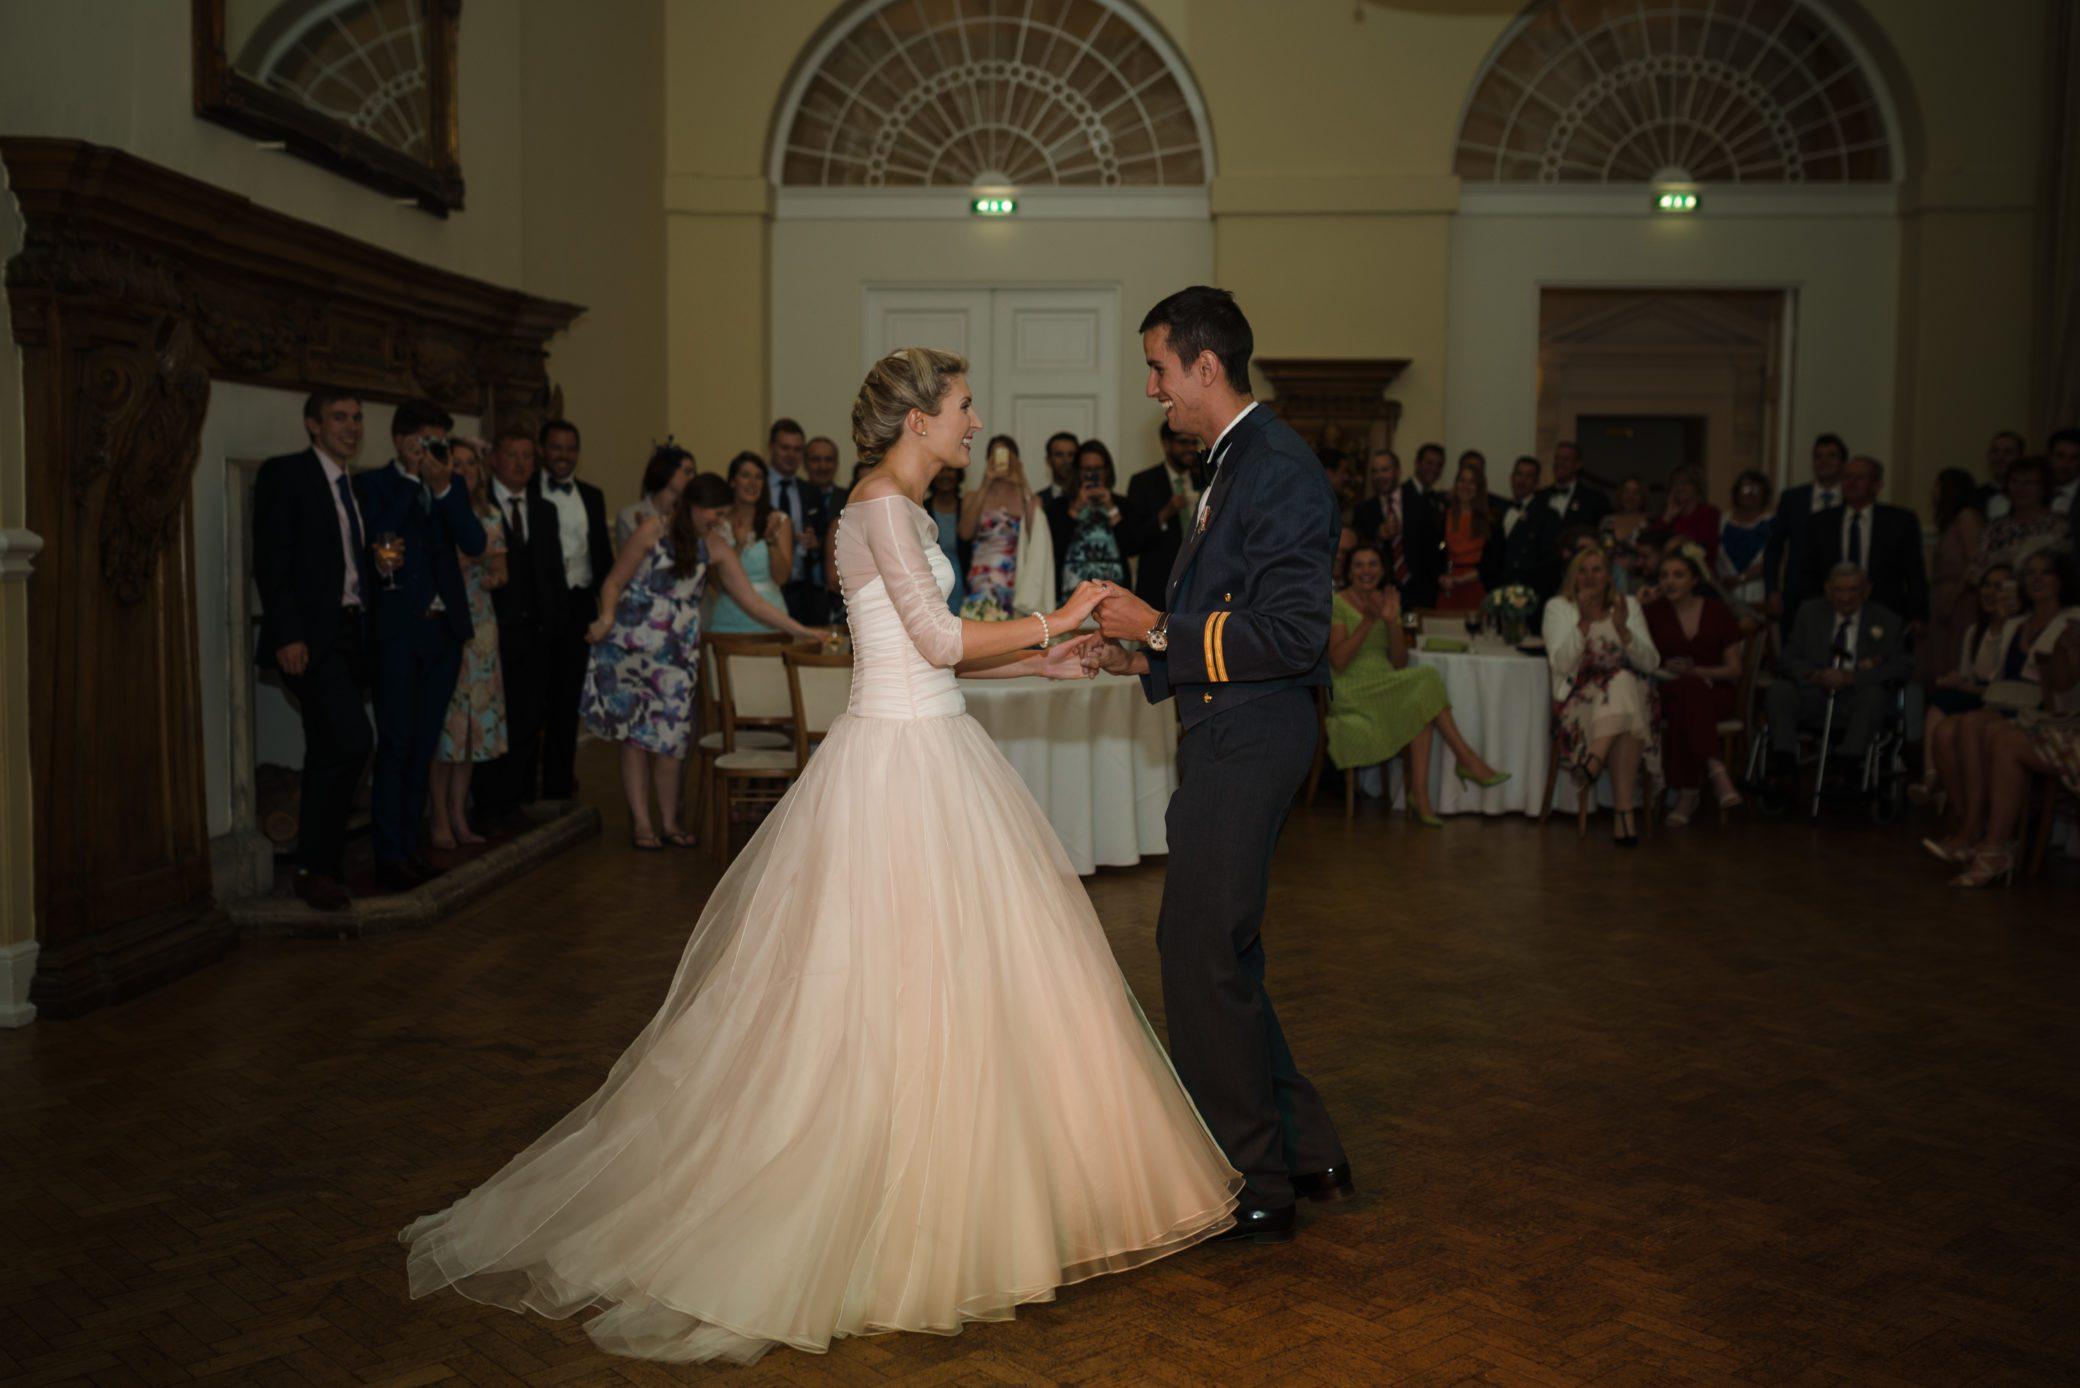 First dance wedding evening